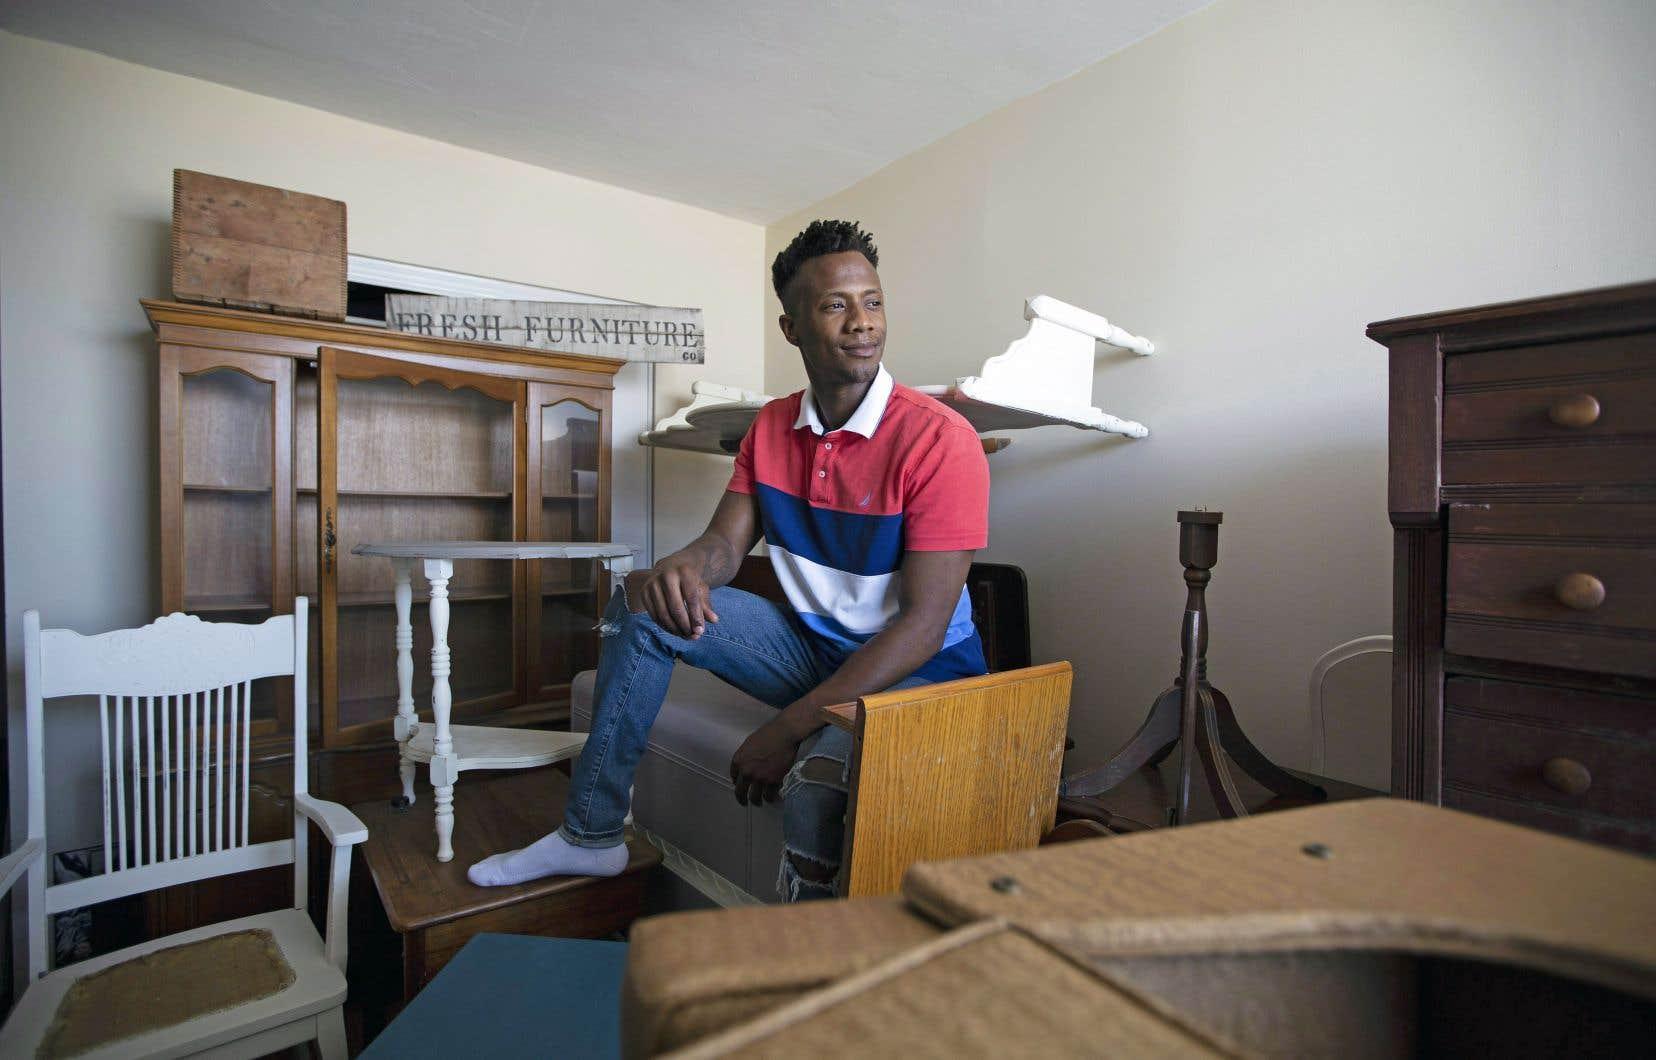 Kbre Hamilton, entouré de meubles dans son appartement de Hamilton, en Ontario